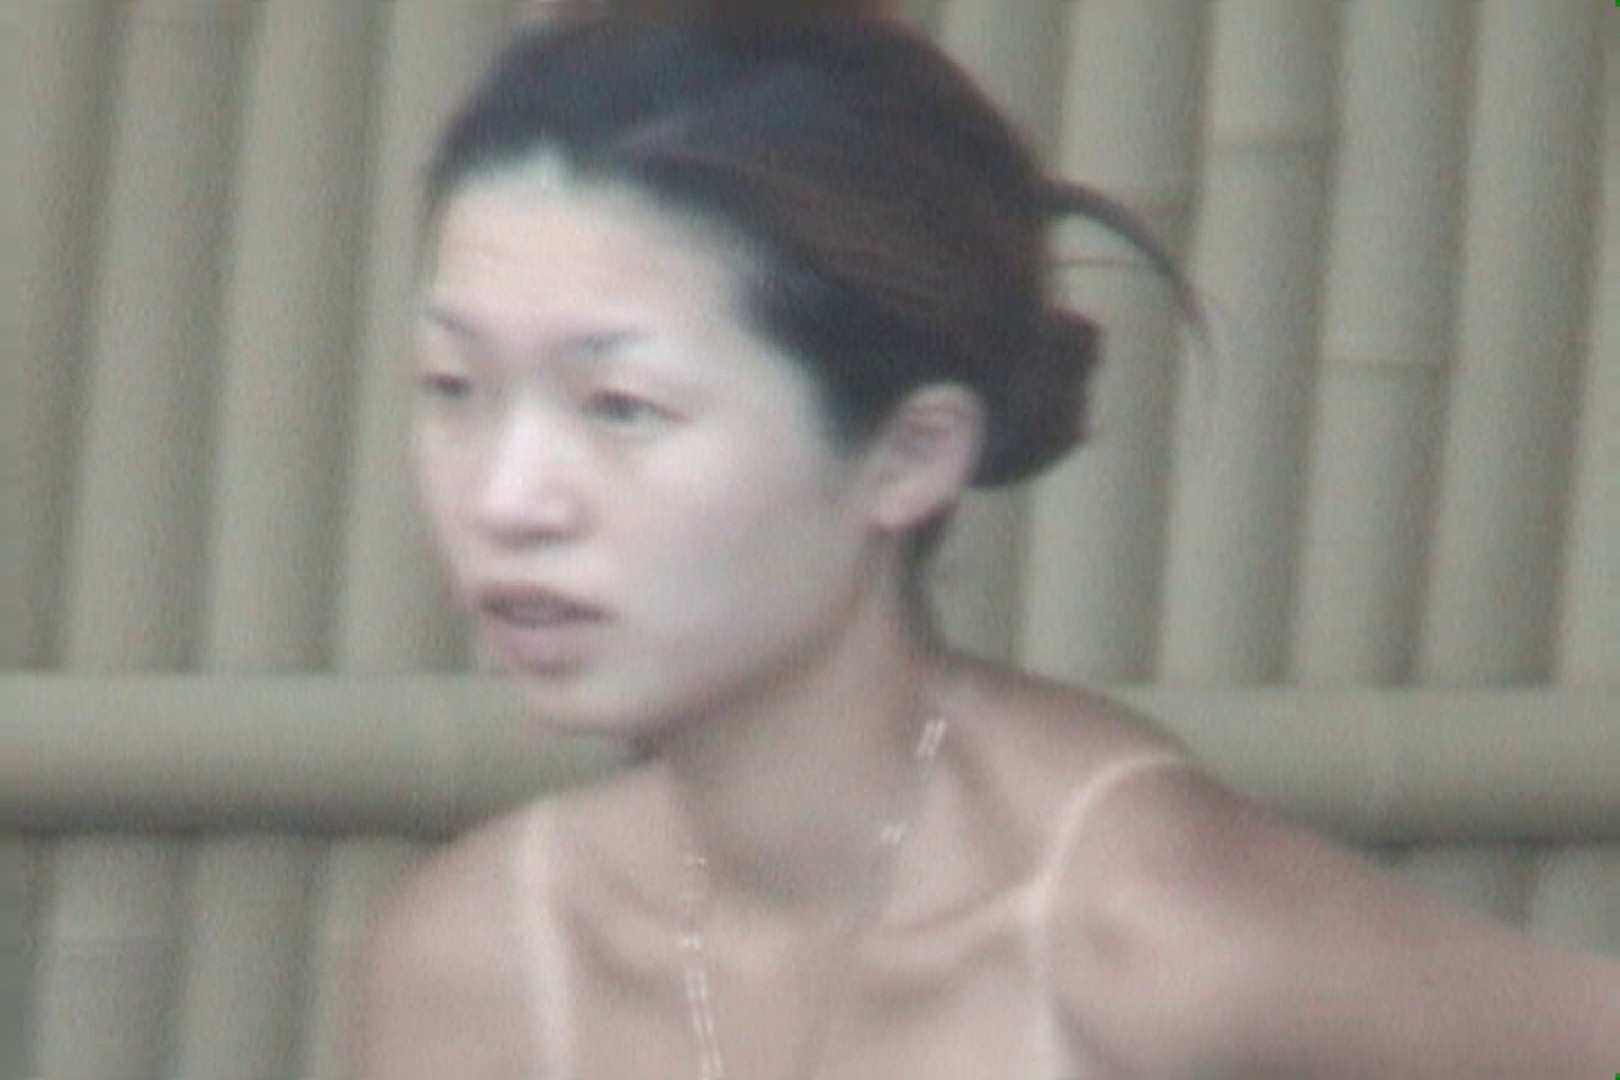 Aquaな露天風呂Vol.571 盗撮  83画像 75